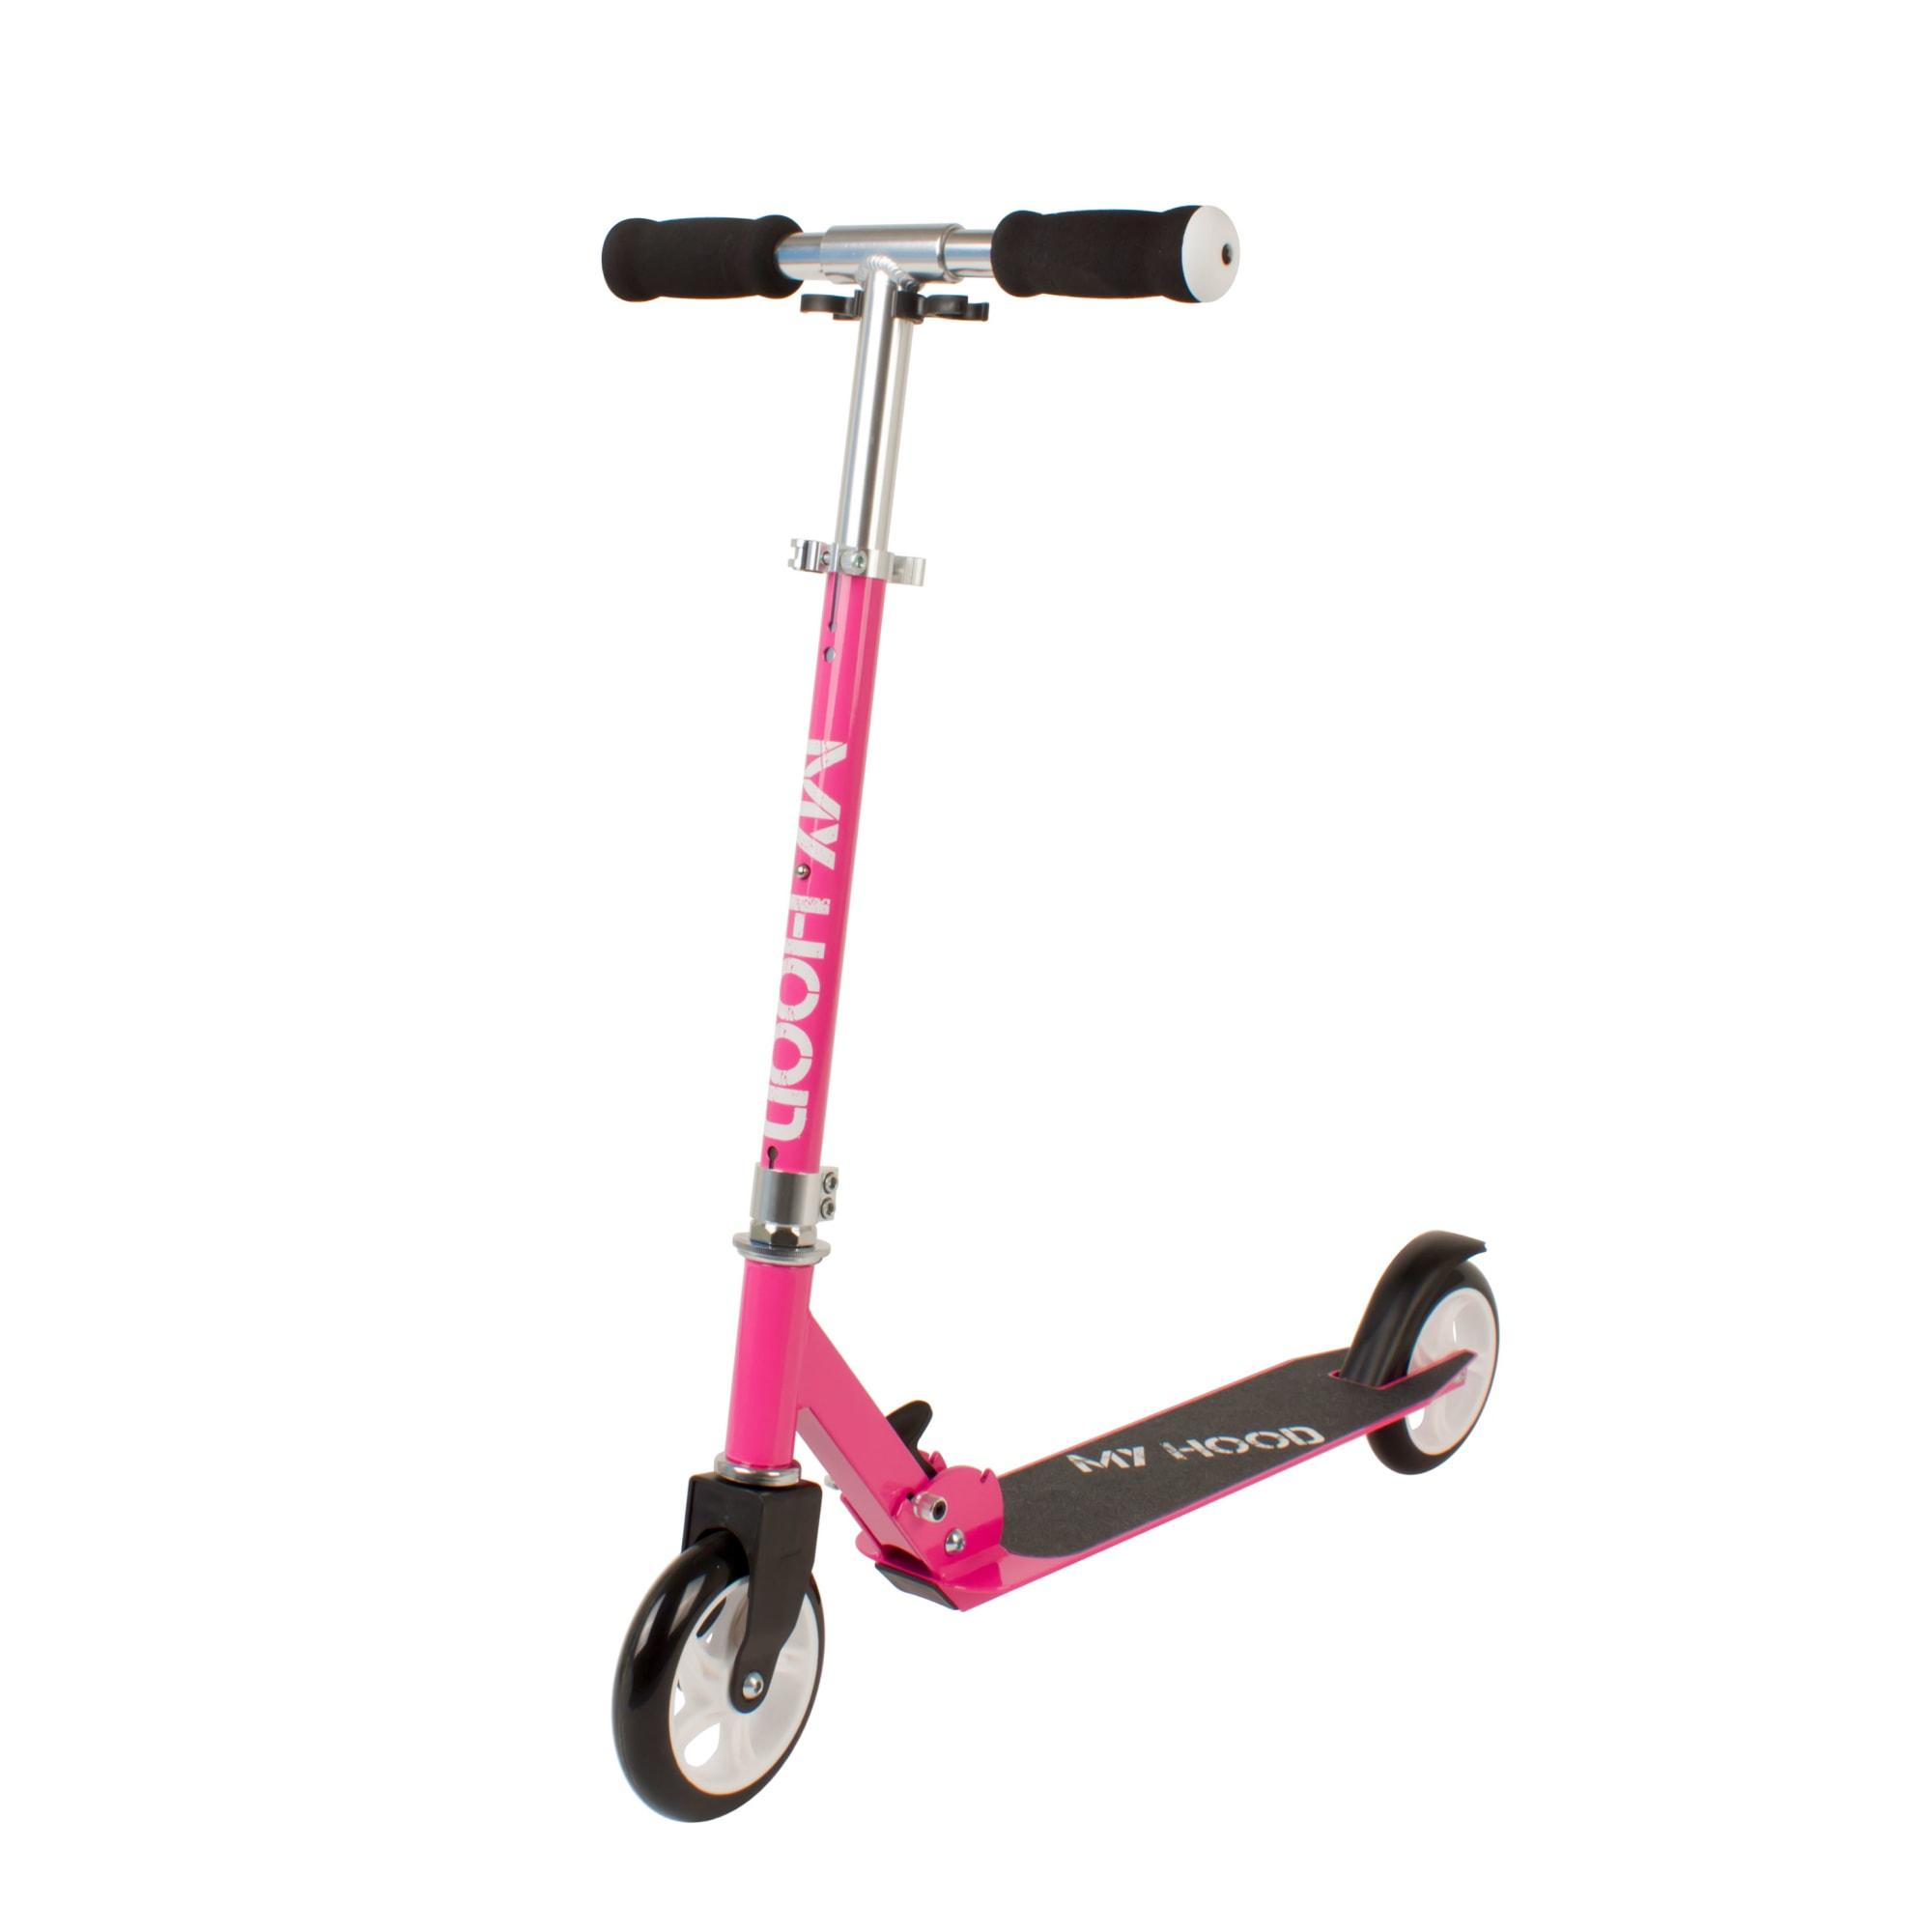 Sejt løbehjul med smart foldemekanisme - Velgnet til mindre børn